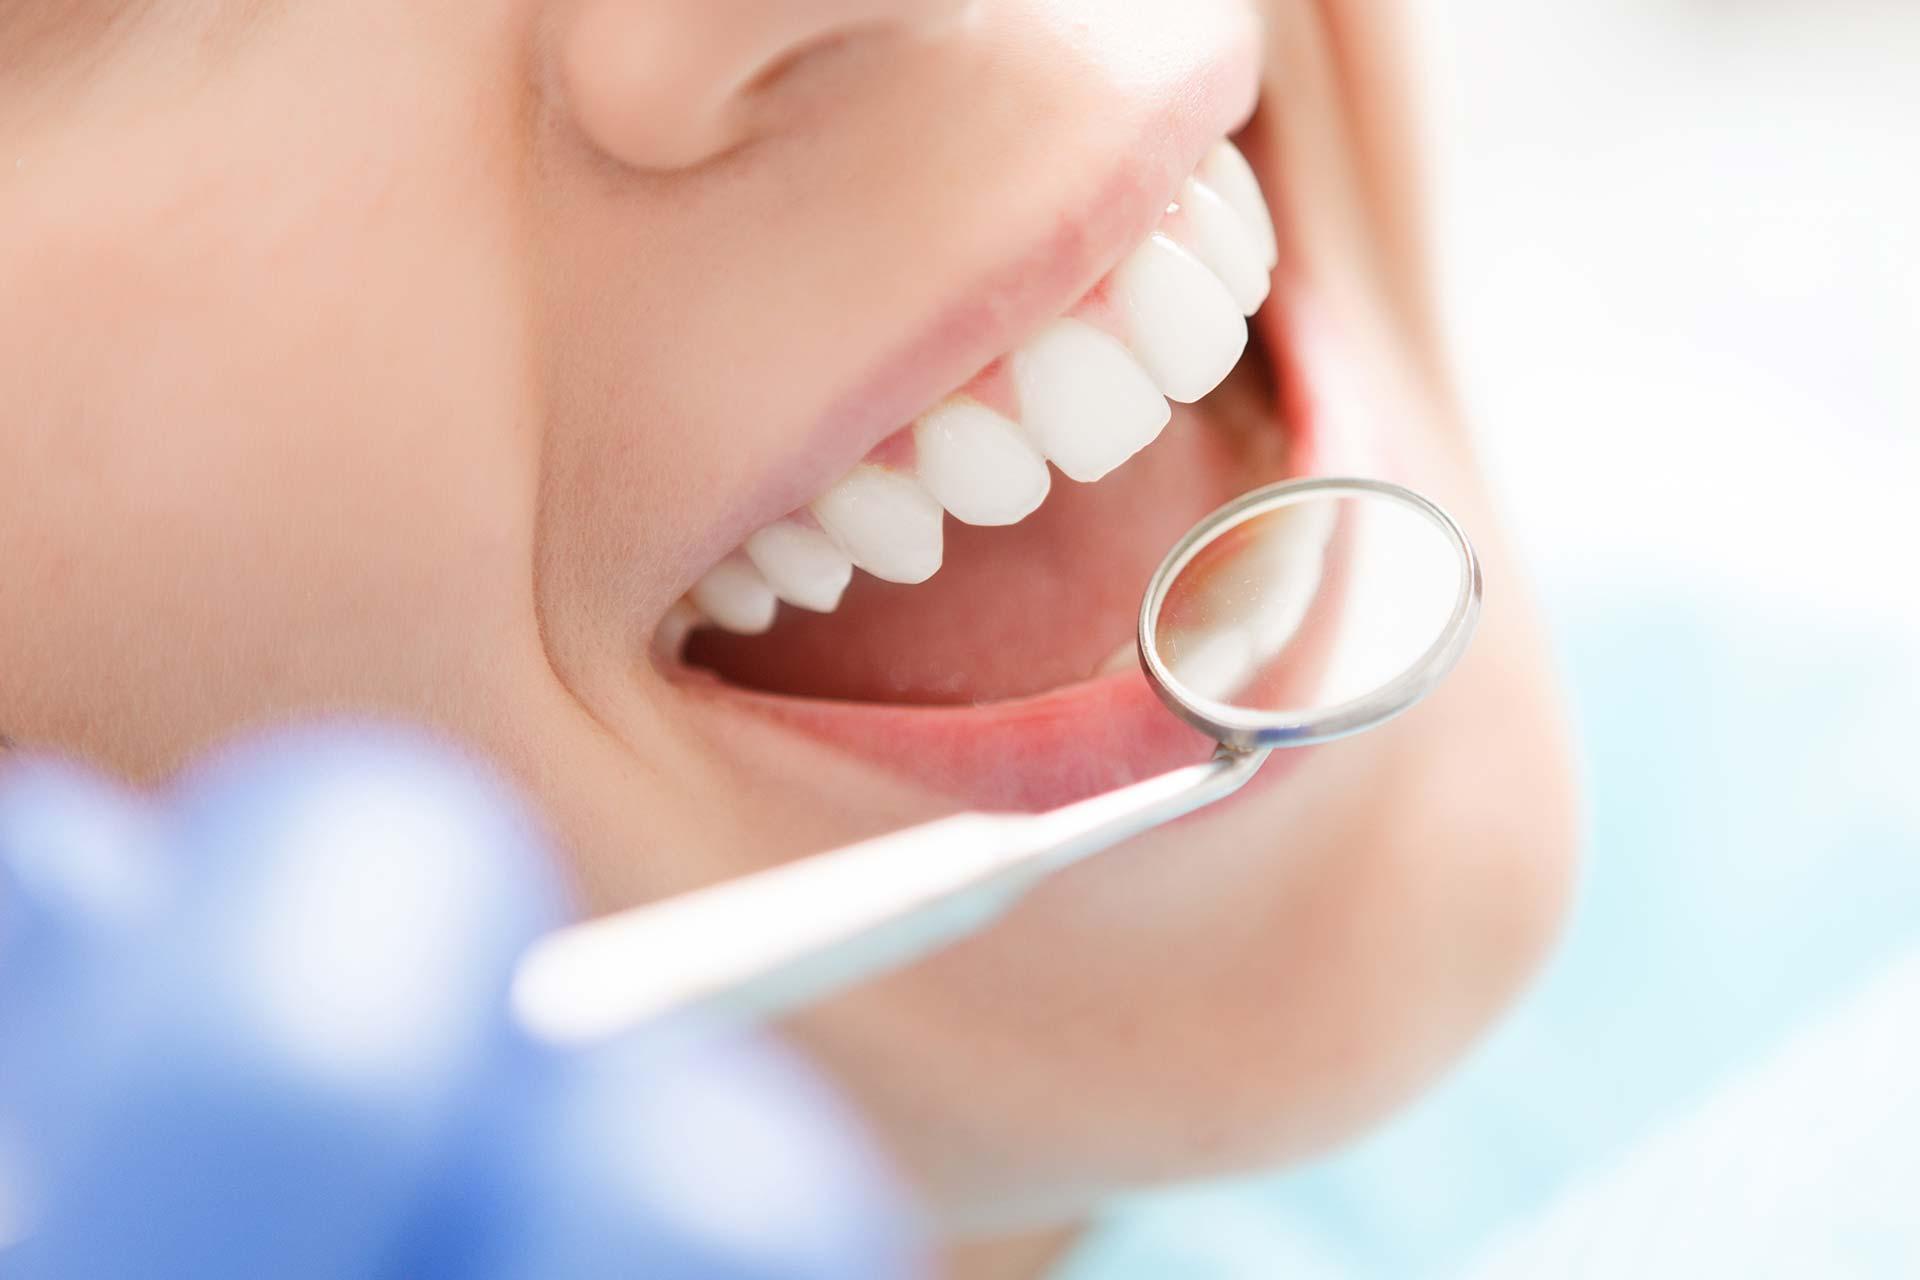 clínica dental burgos druiz